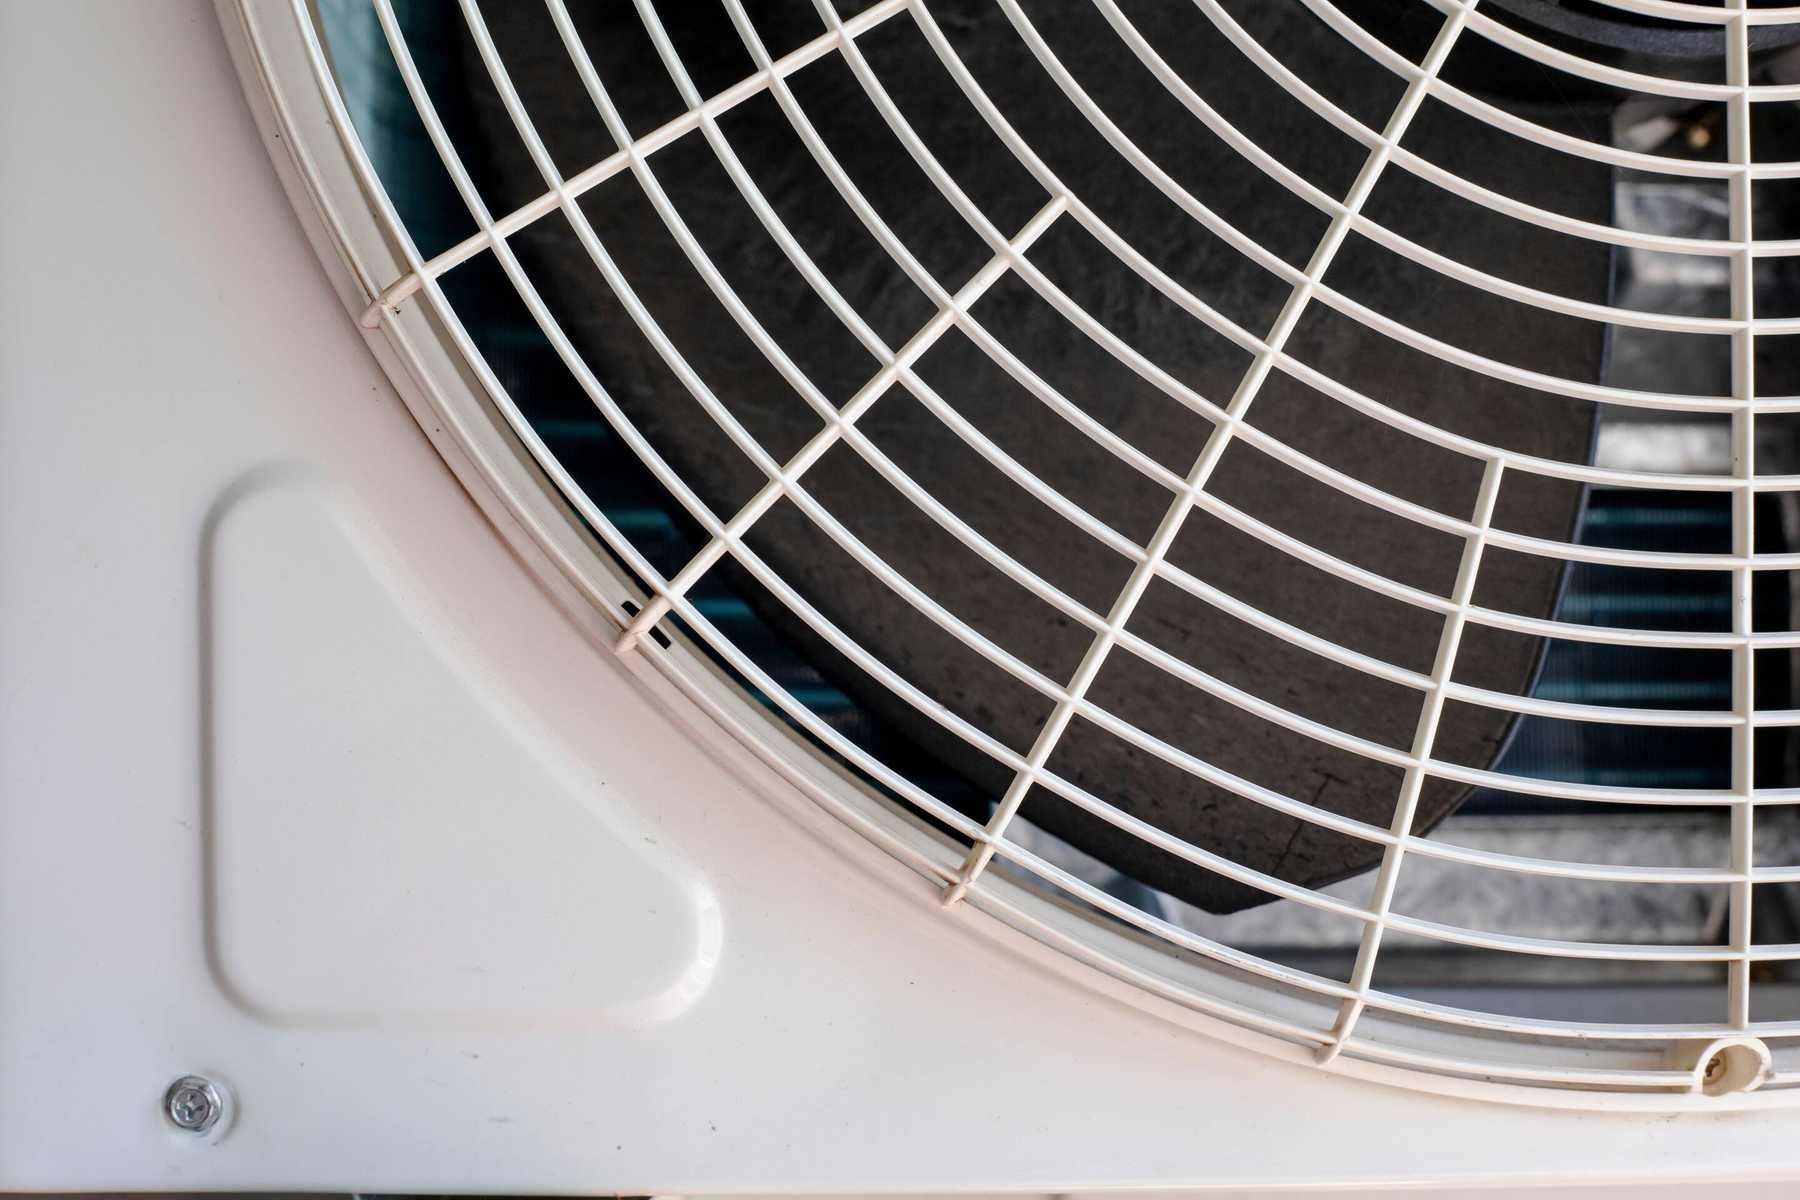 Cách tháo máy lạnh, điều hòa - Tháo cánh quạt đảo gió và khoang chứa